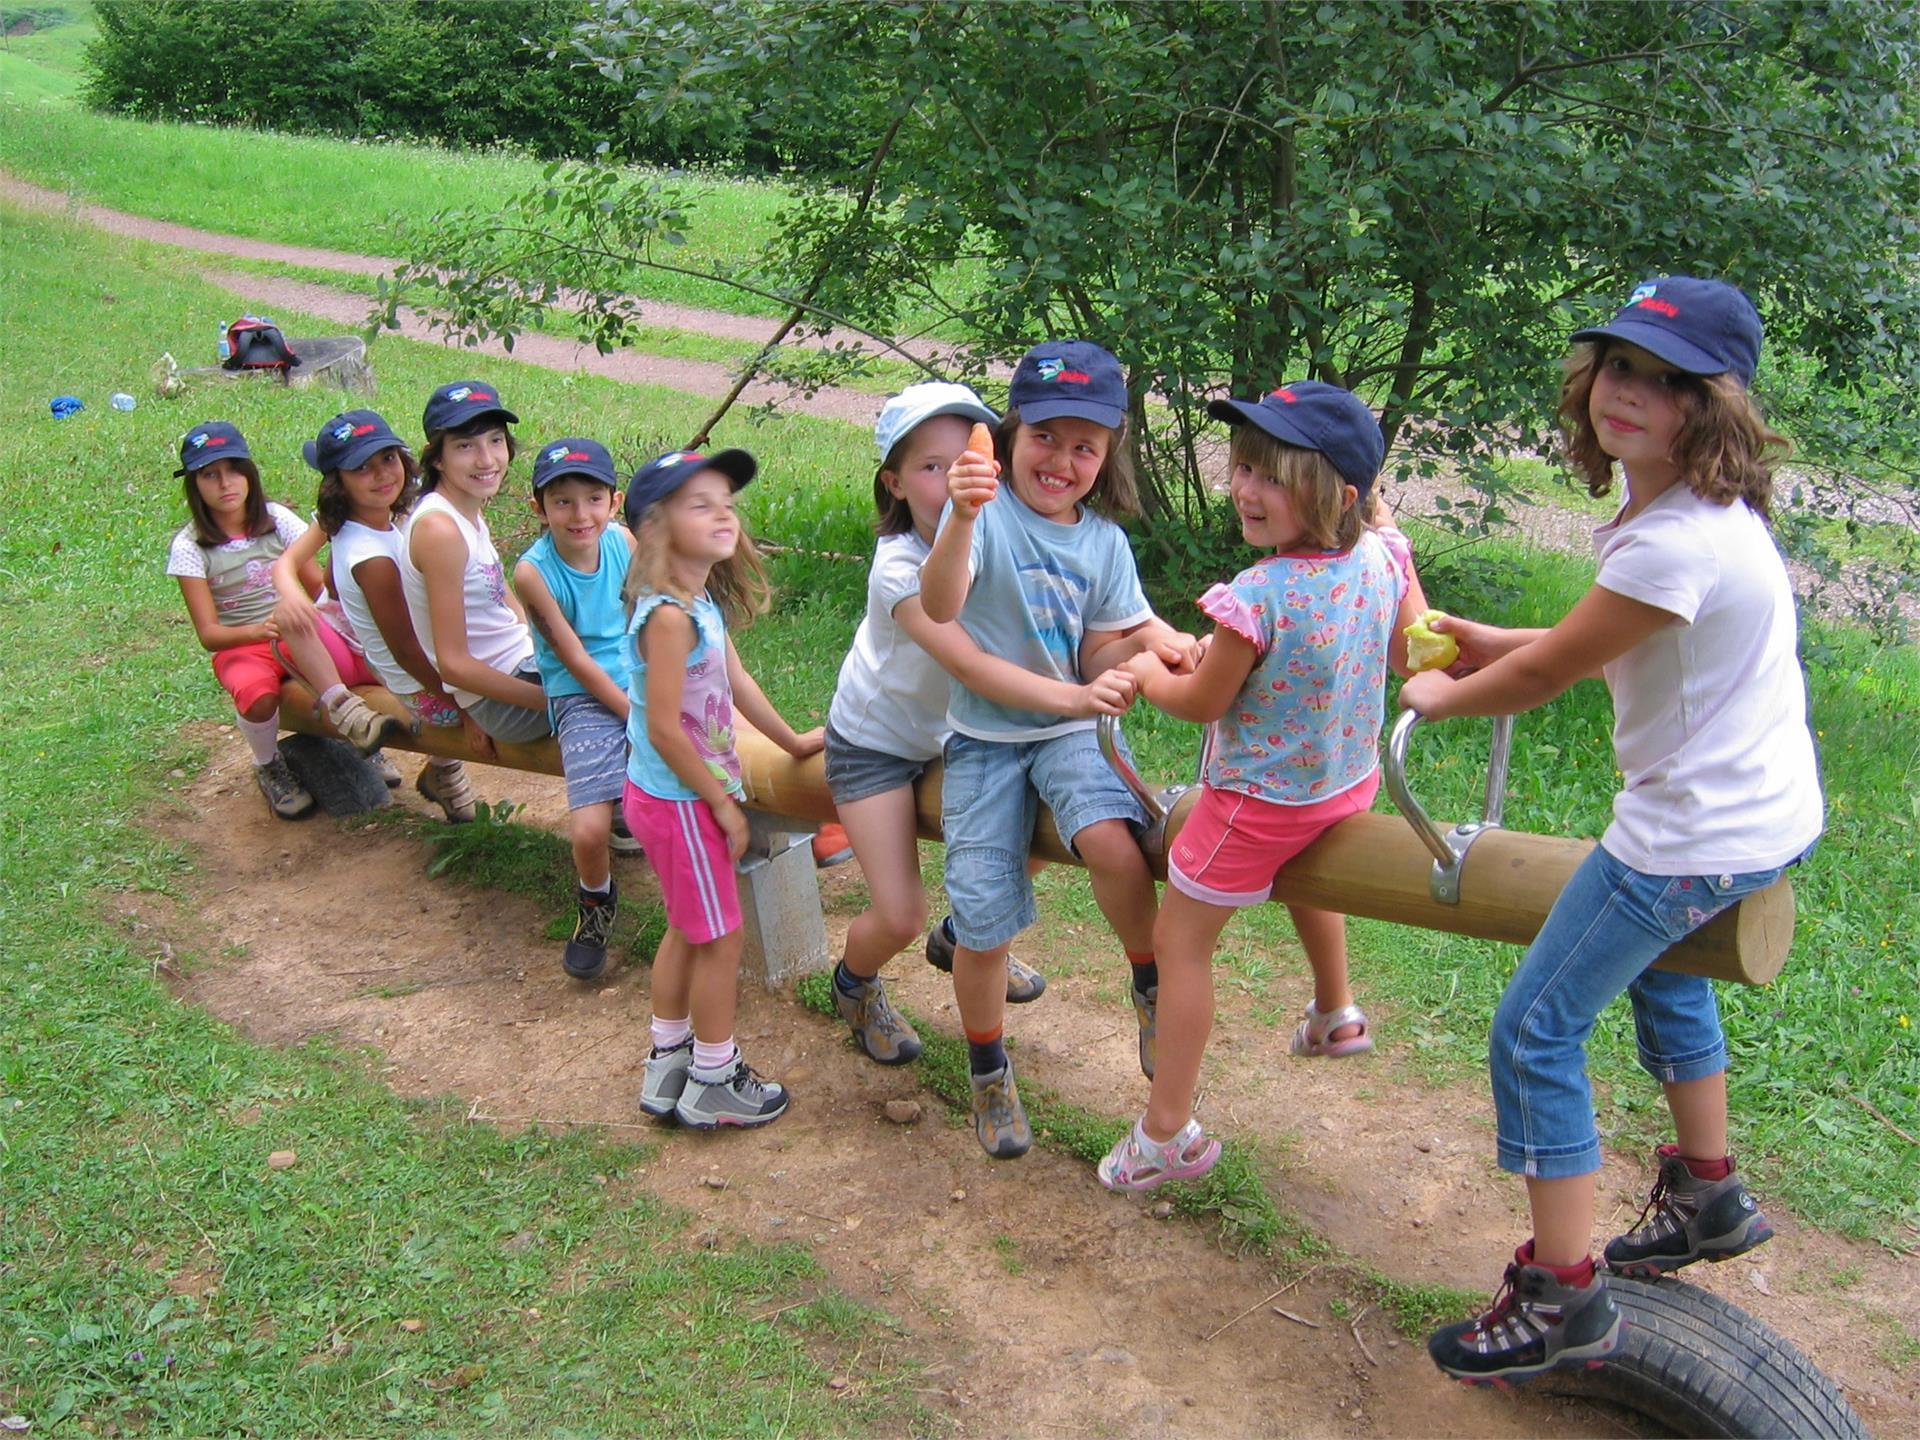 Parco giochi nel bosco - Aldino